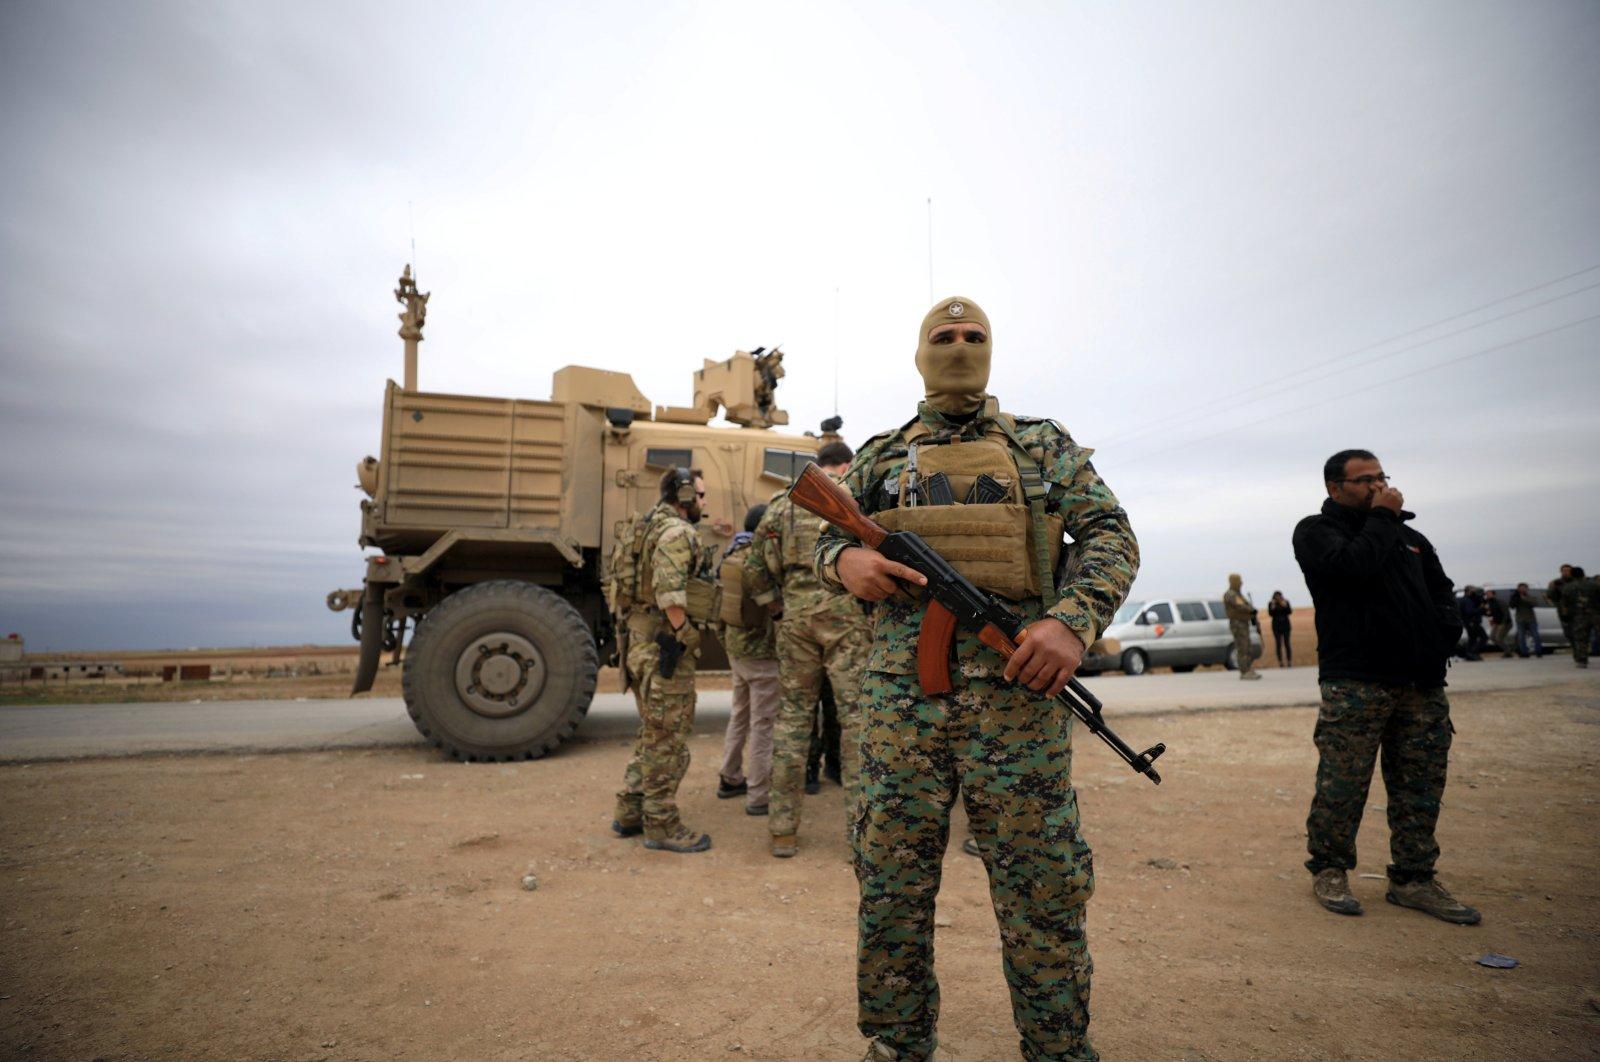 Les terroristes des YPG/PKK dans le nord de la Syrie intensifient la propagande noire contre la Turquie